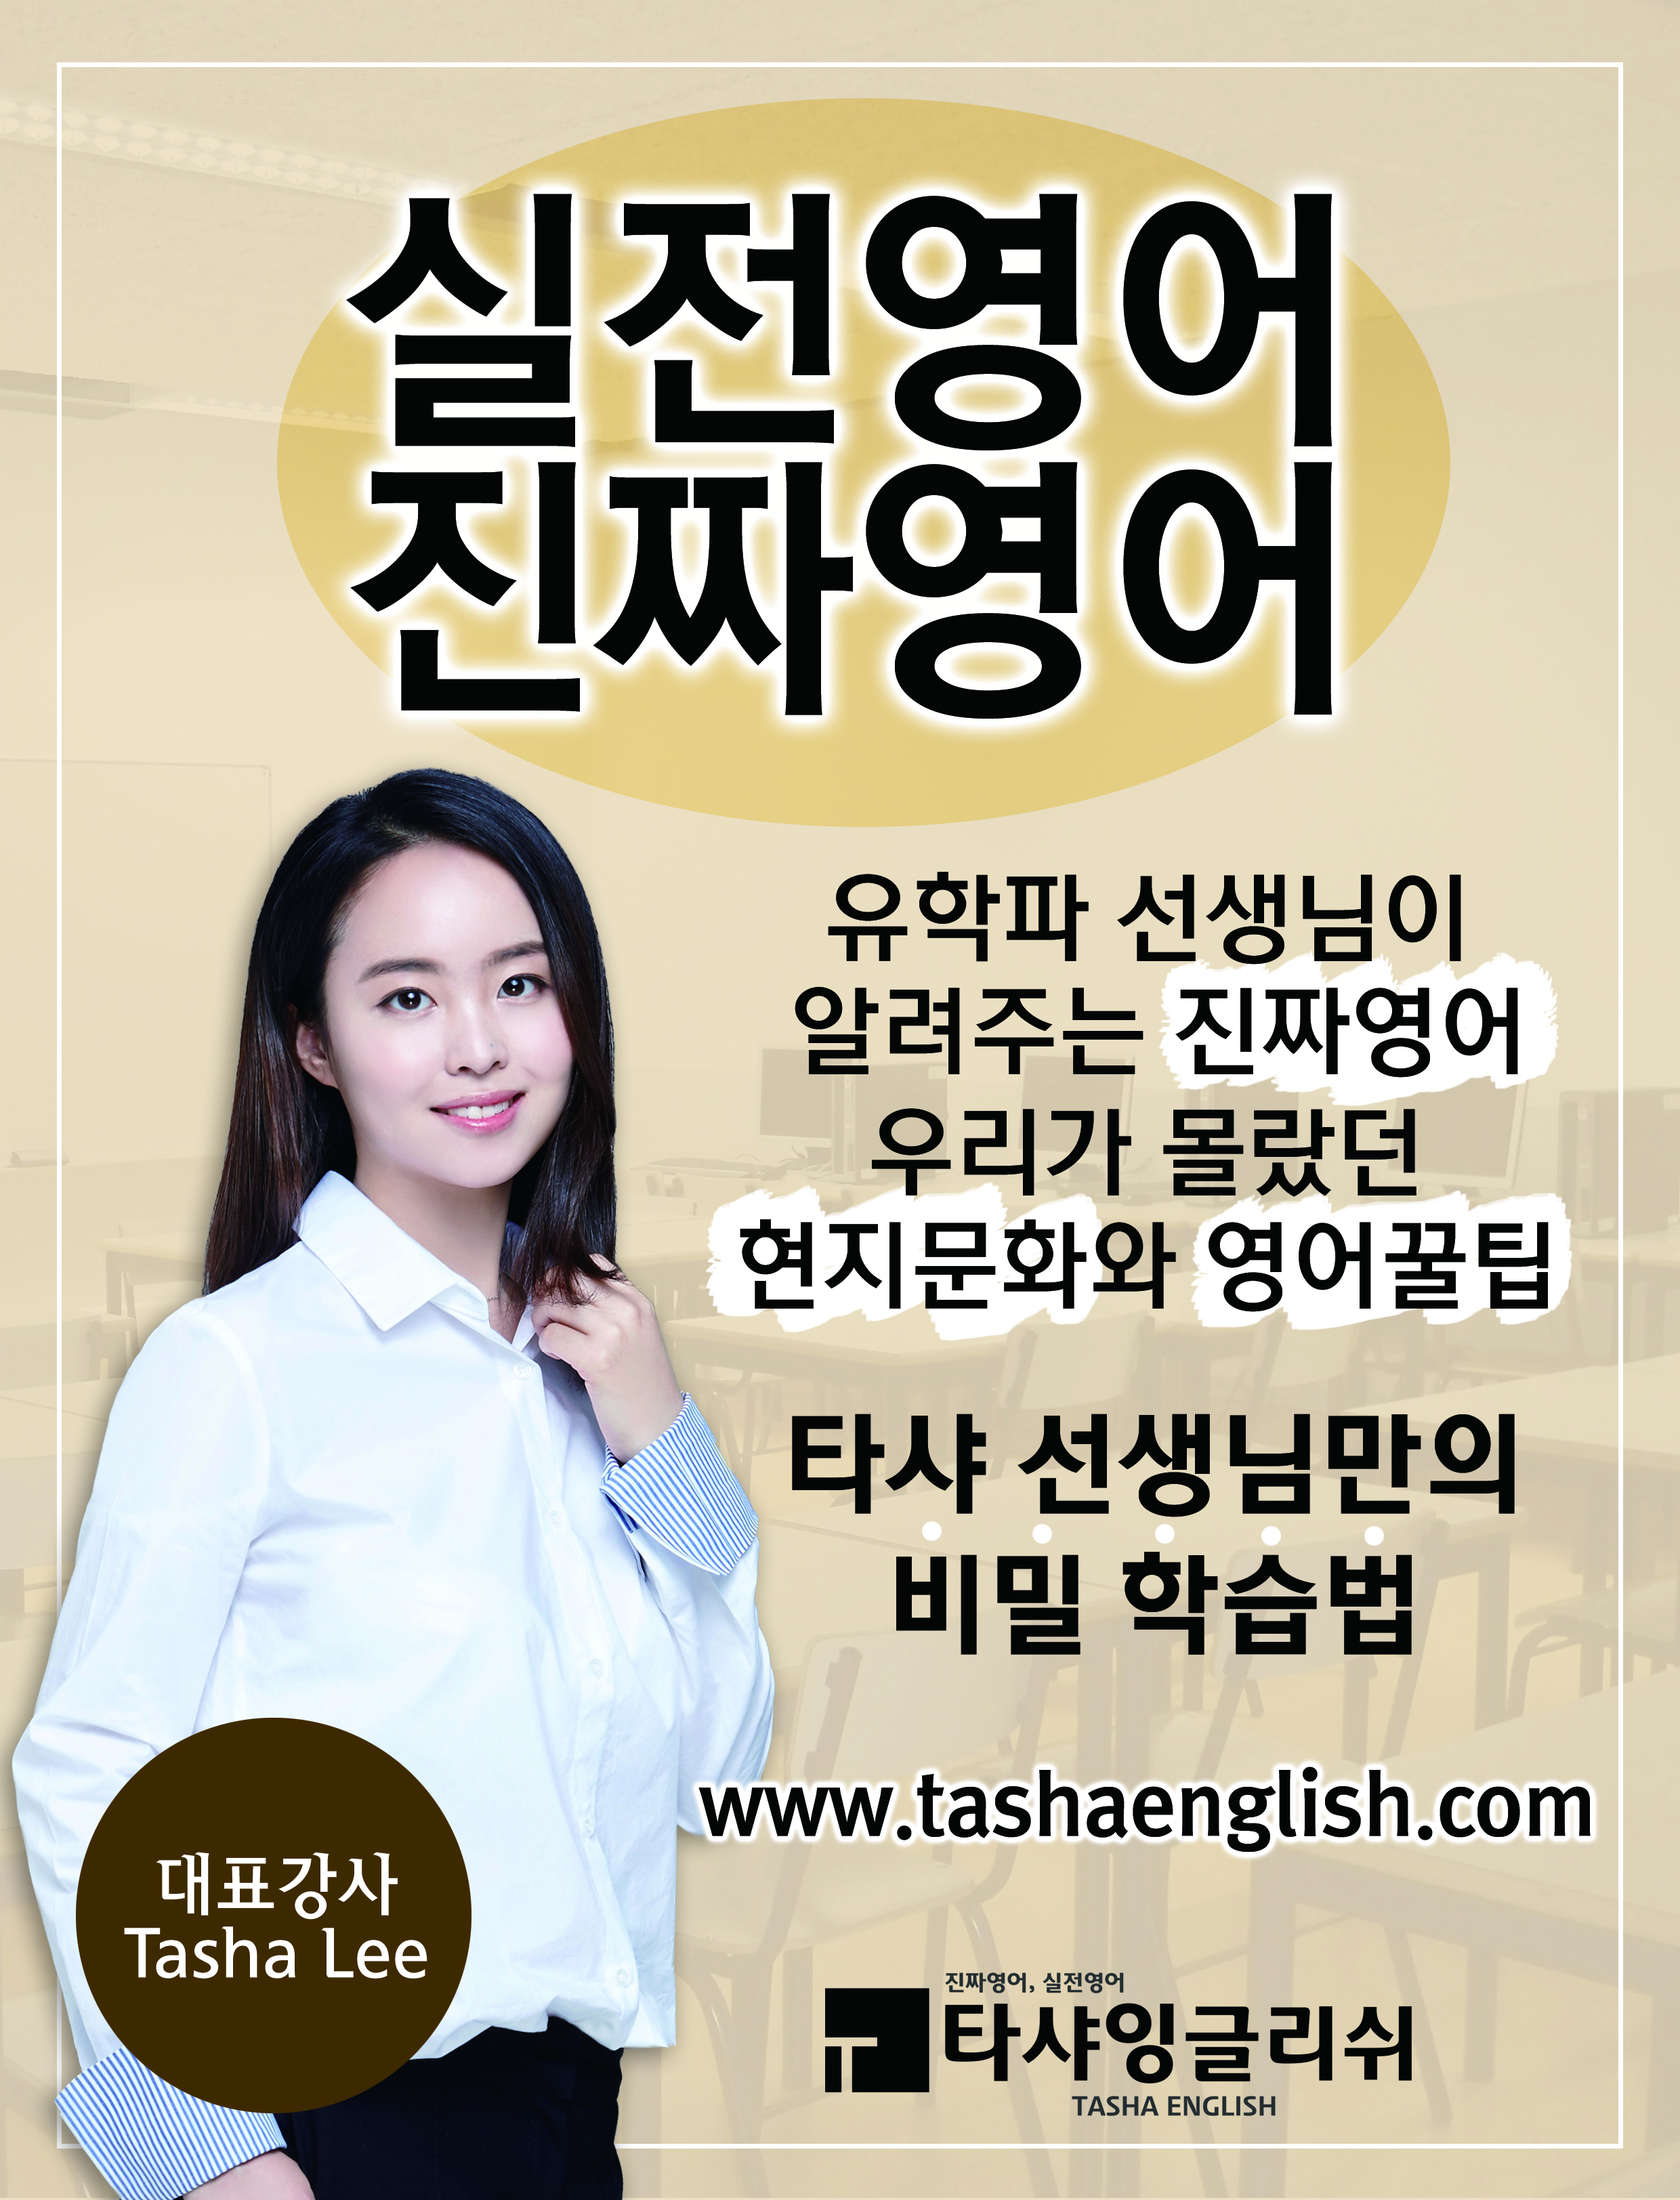 타샤 잉글리쉬